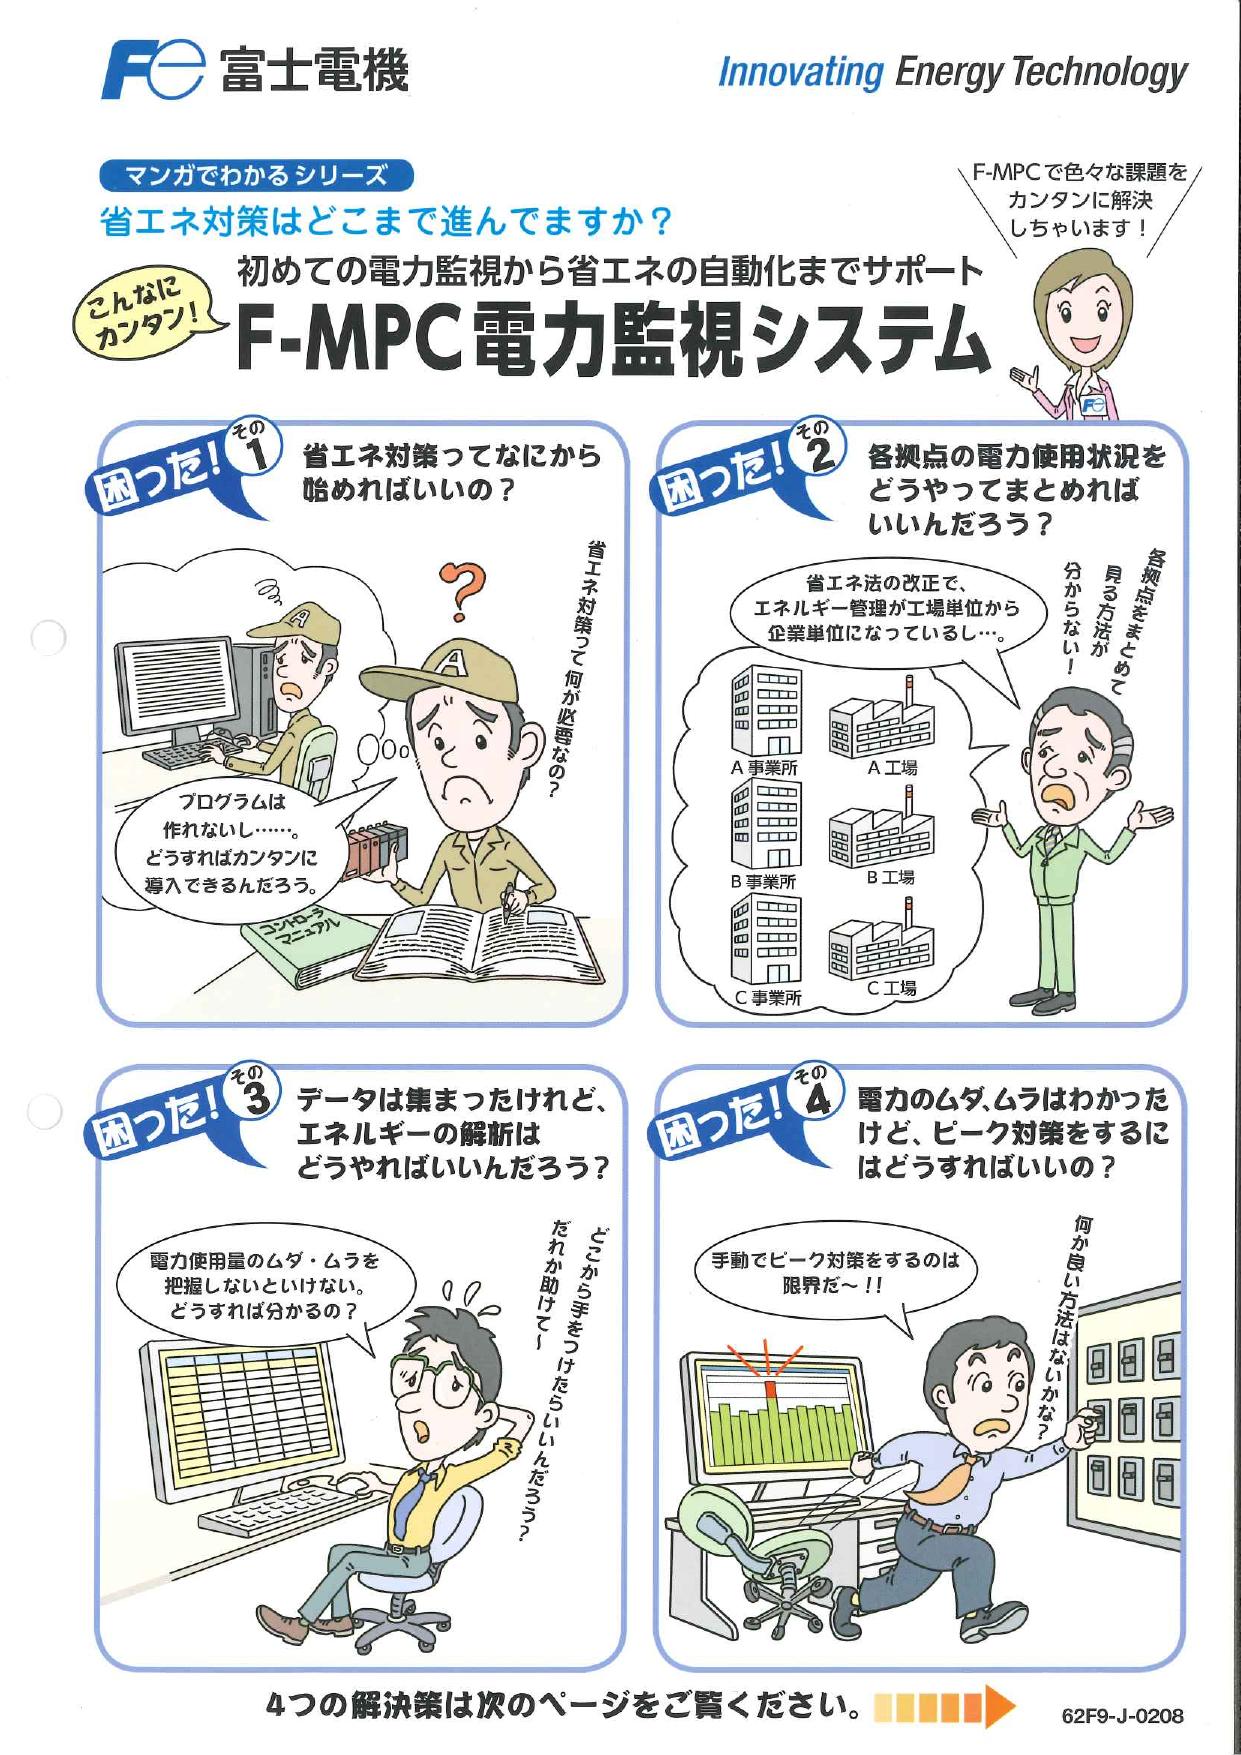 初めての電力監視から省エネの自動化までサポート F-MPC 電力監視システム